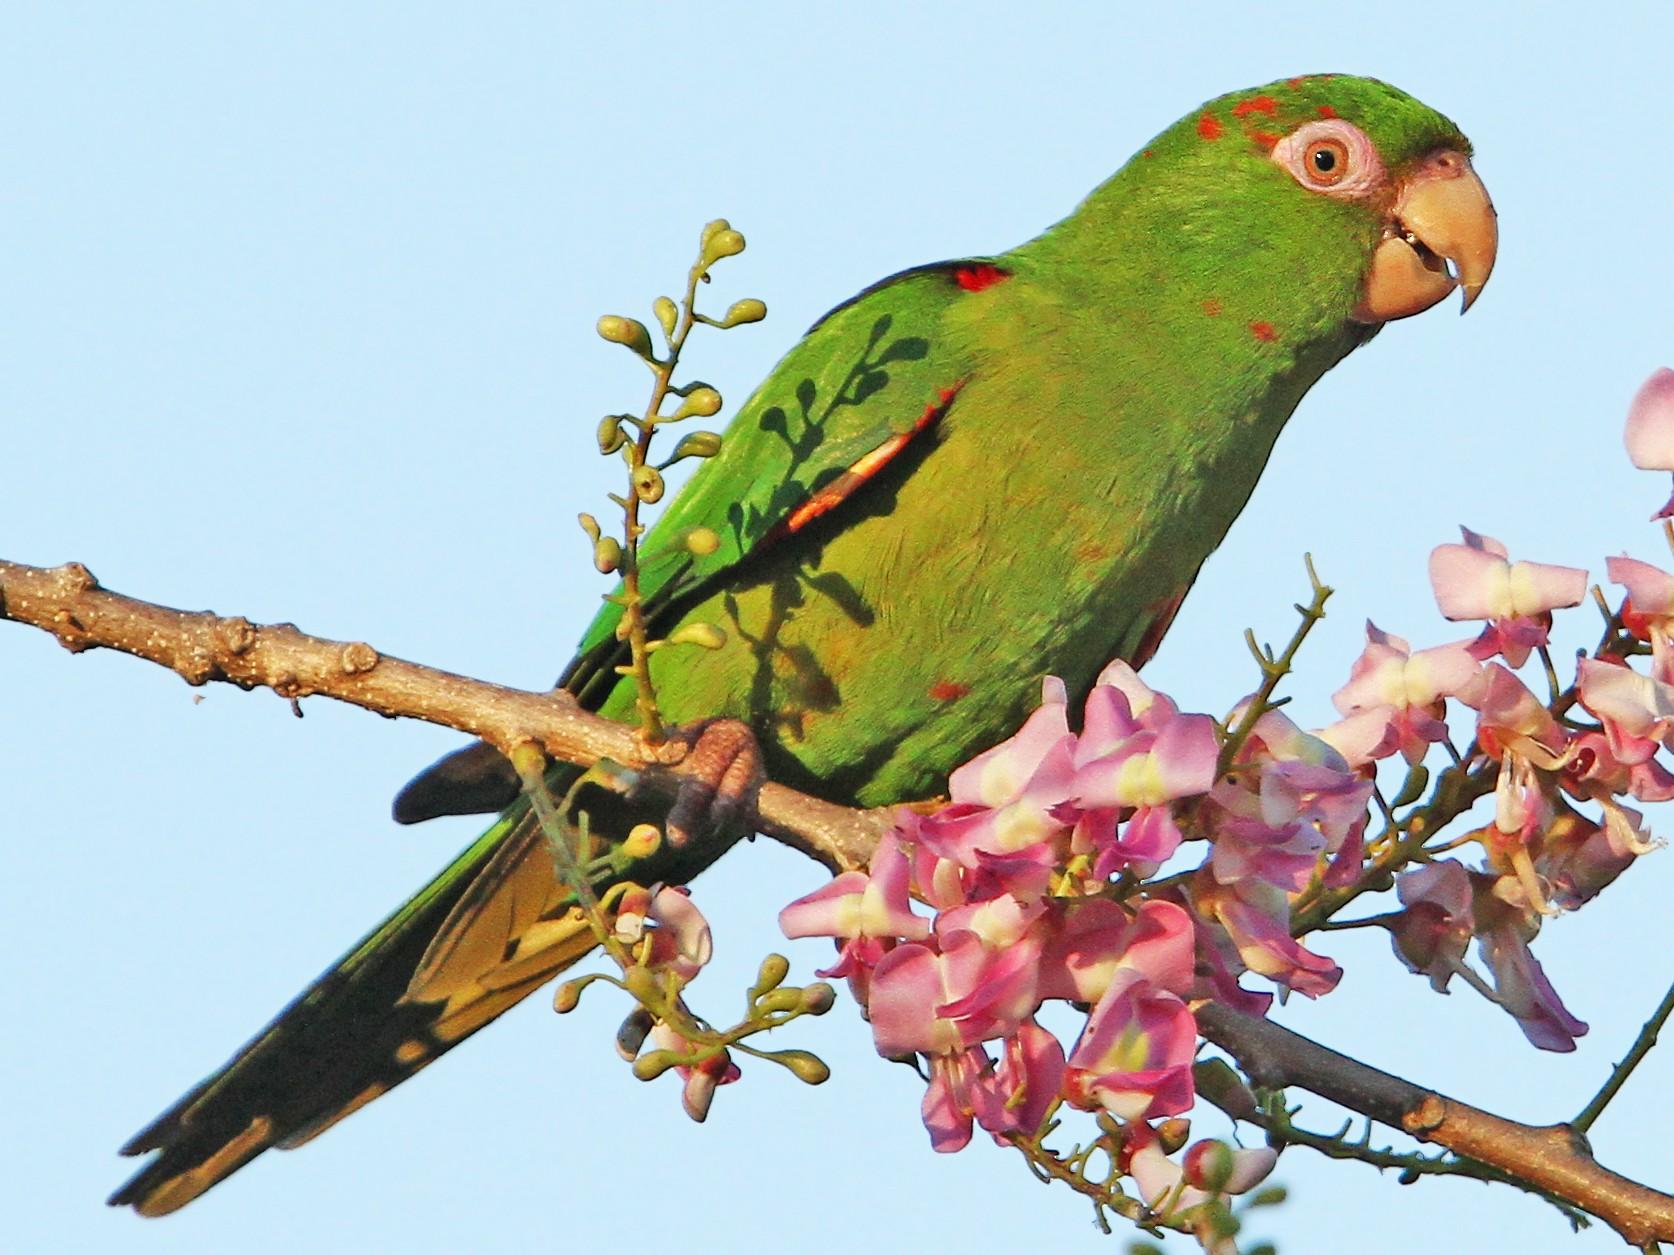 Cuban Parakeet - Christoph Moning